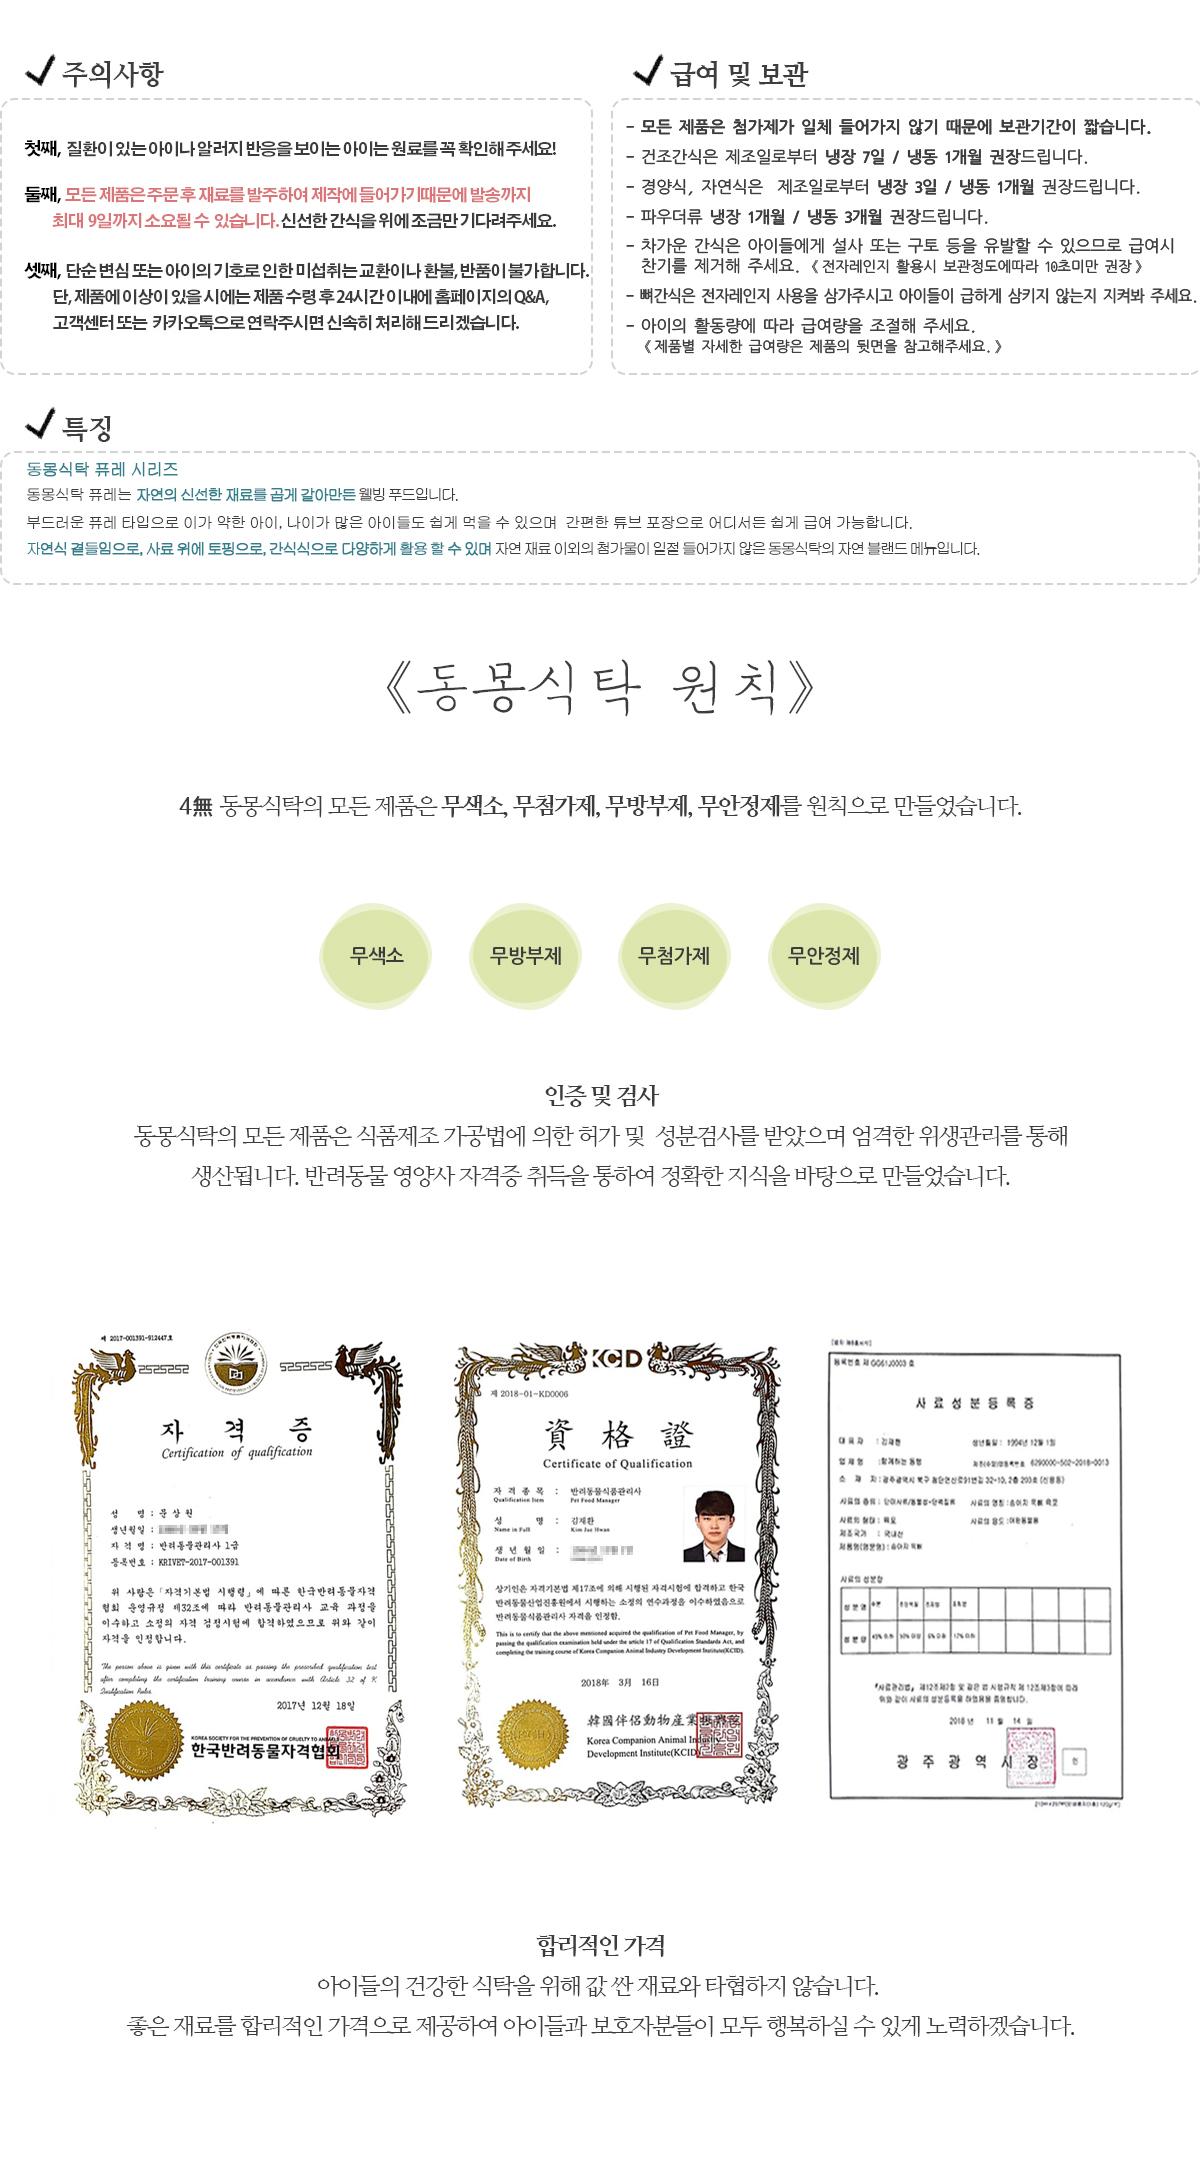 강아지 수제간식 통메추리 4p, 140g - 동몽식탁, 9,000원, 간식/영양제, 수제간식